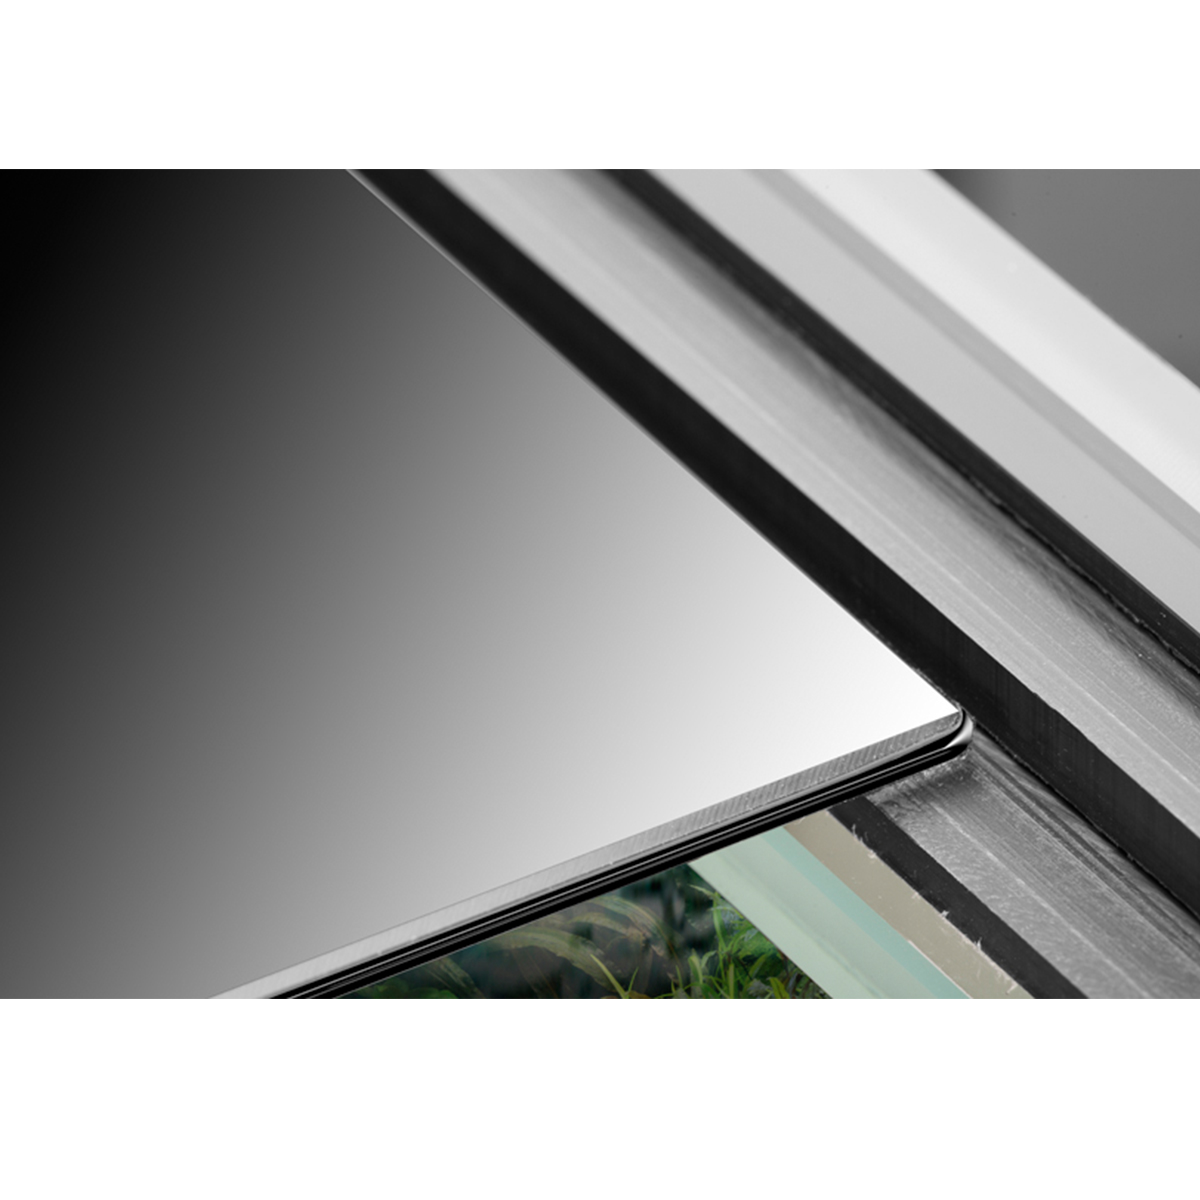 eheim incpiria marine 200 mit t5 beleuchtung kaufen bei zooroyal. Black Bedroom Furniture Sets. Home Design Ideas